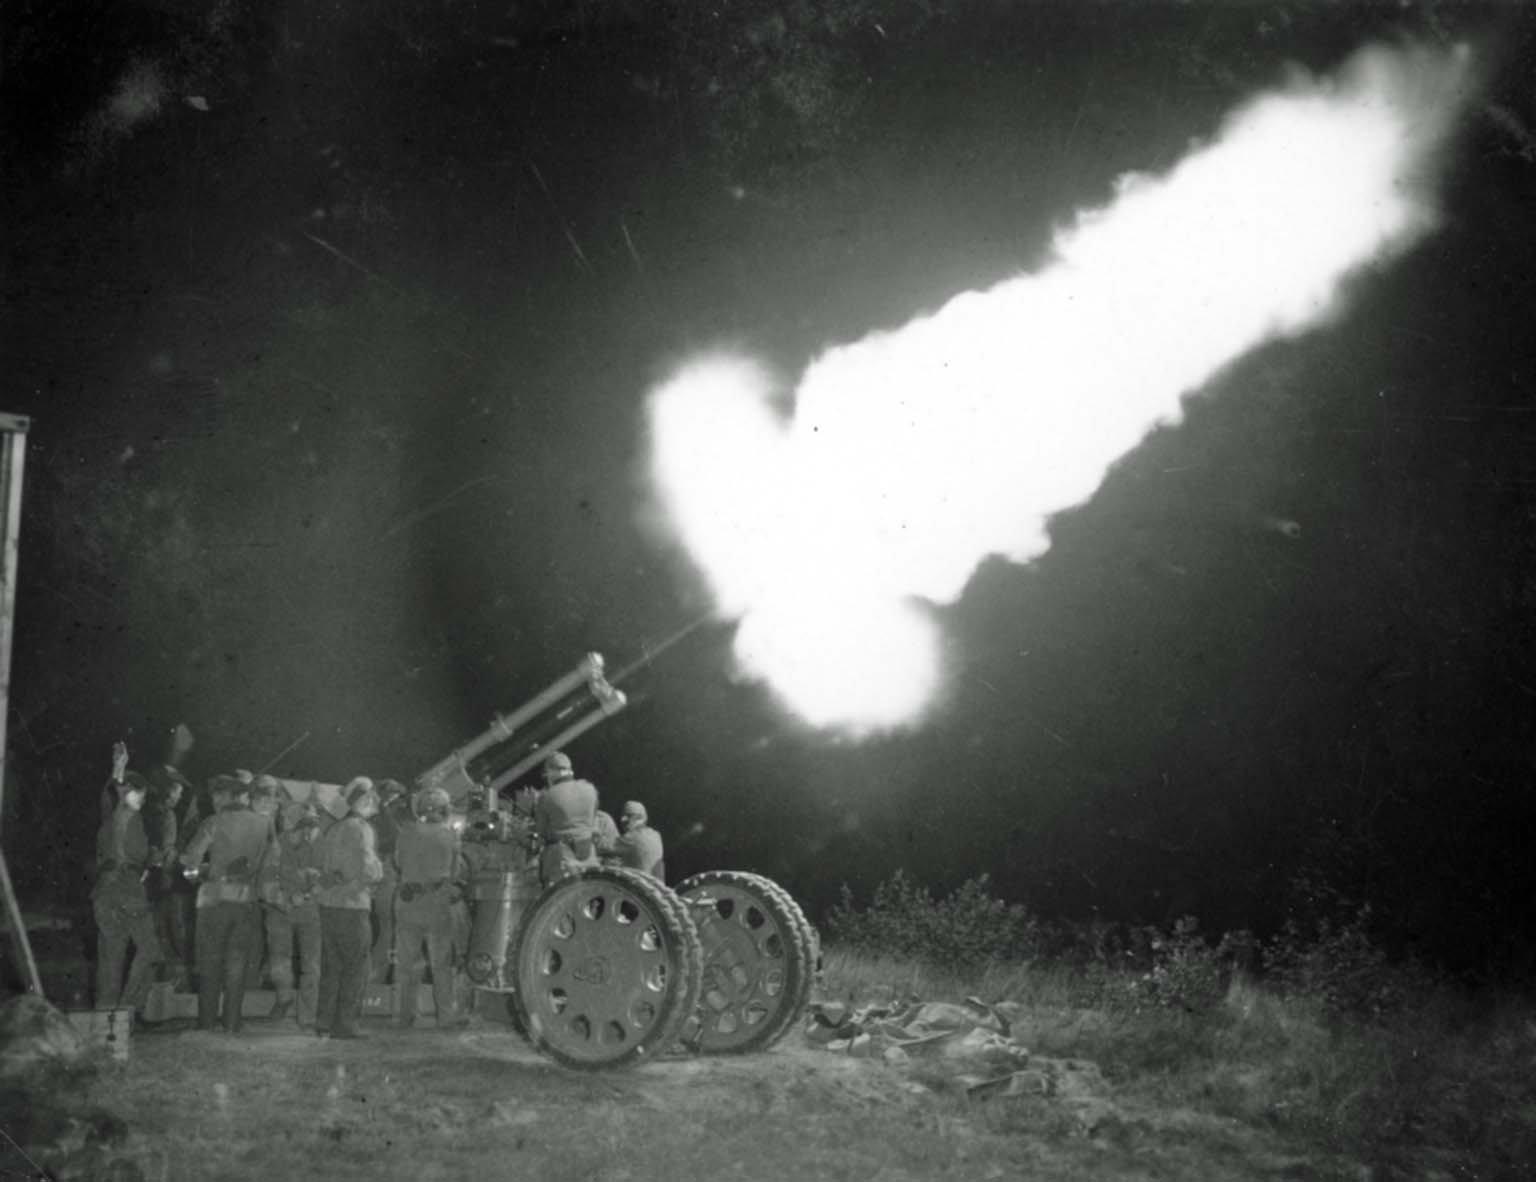 Bofors anti-aircraft